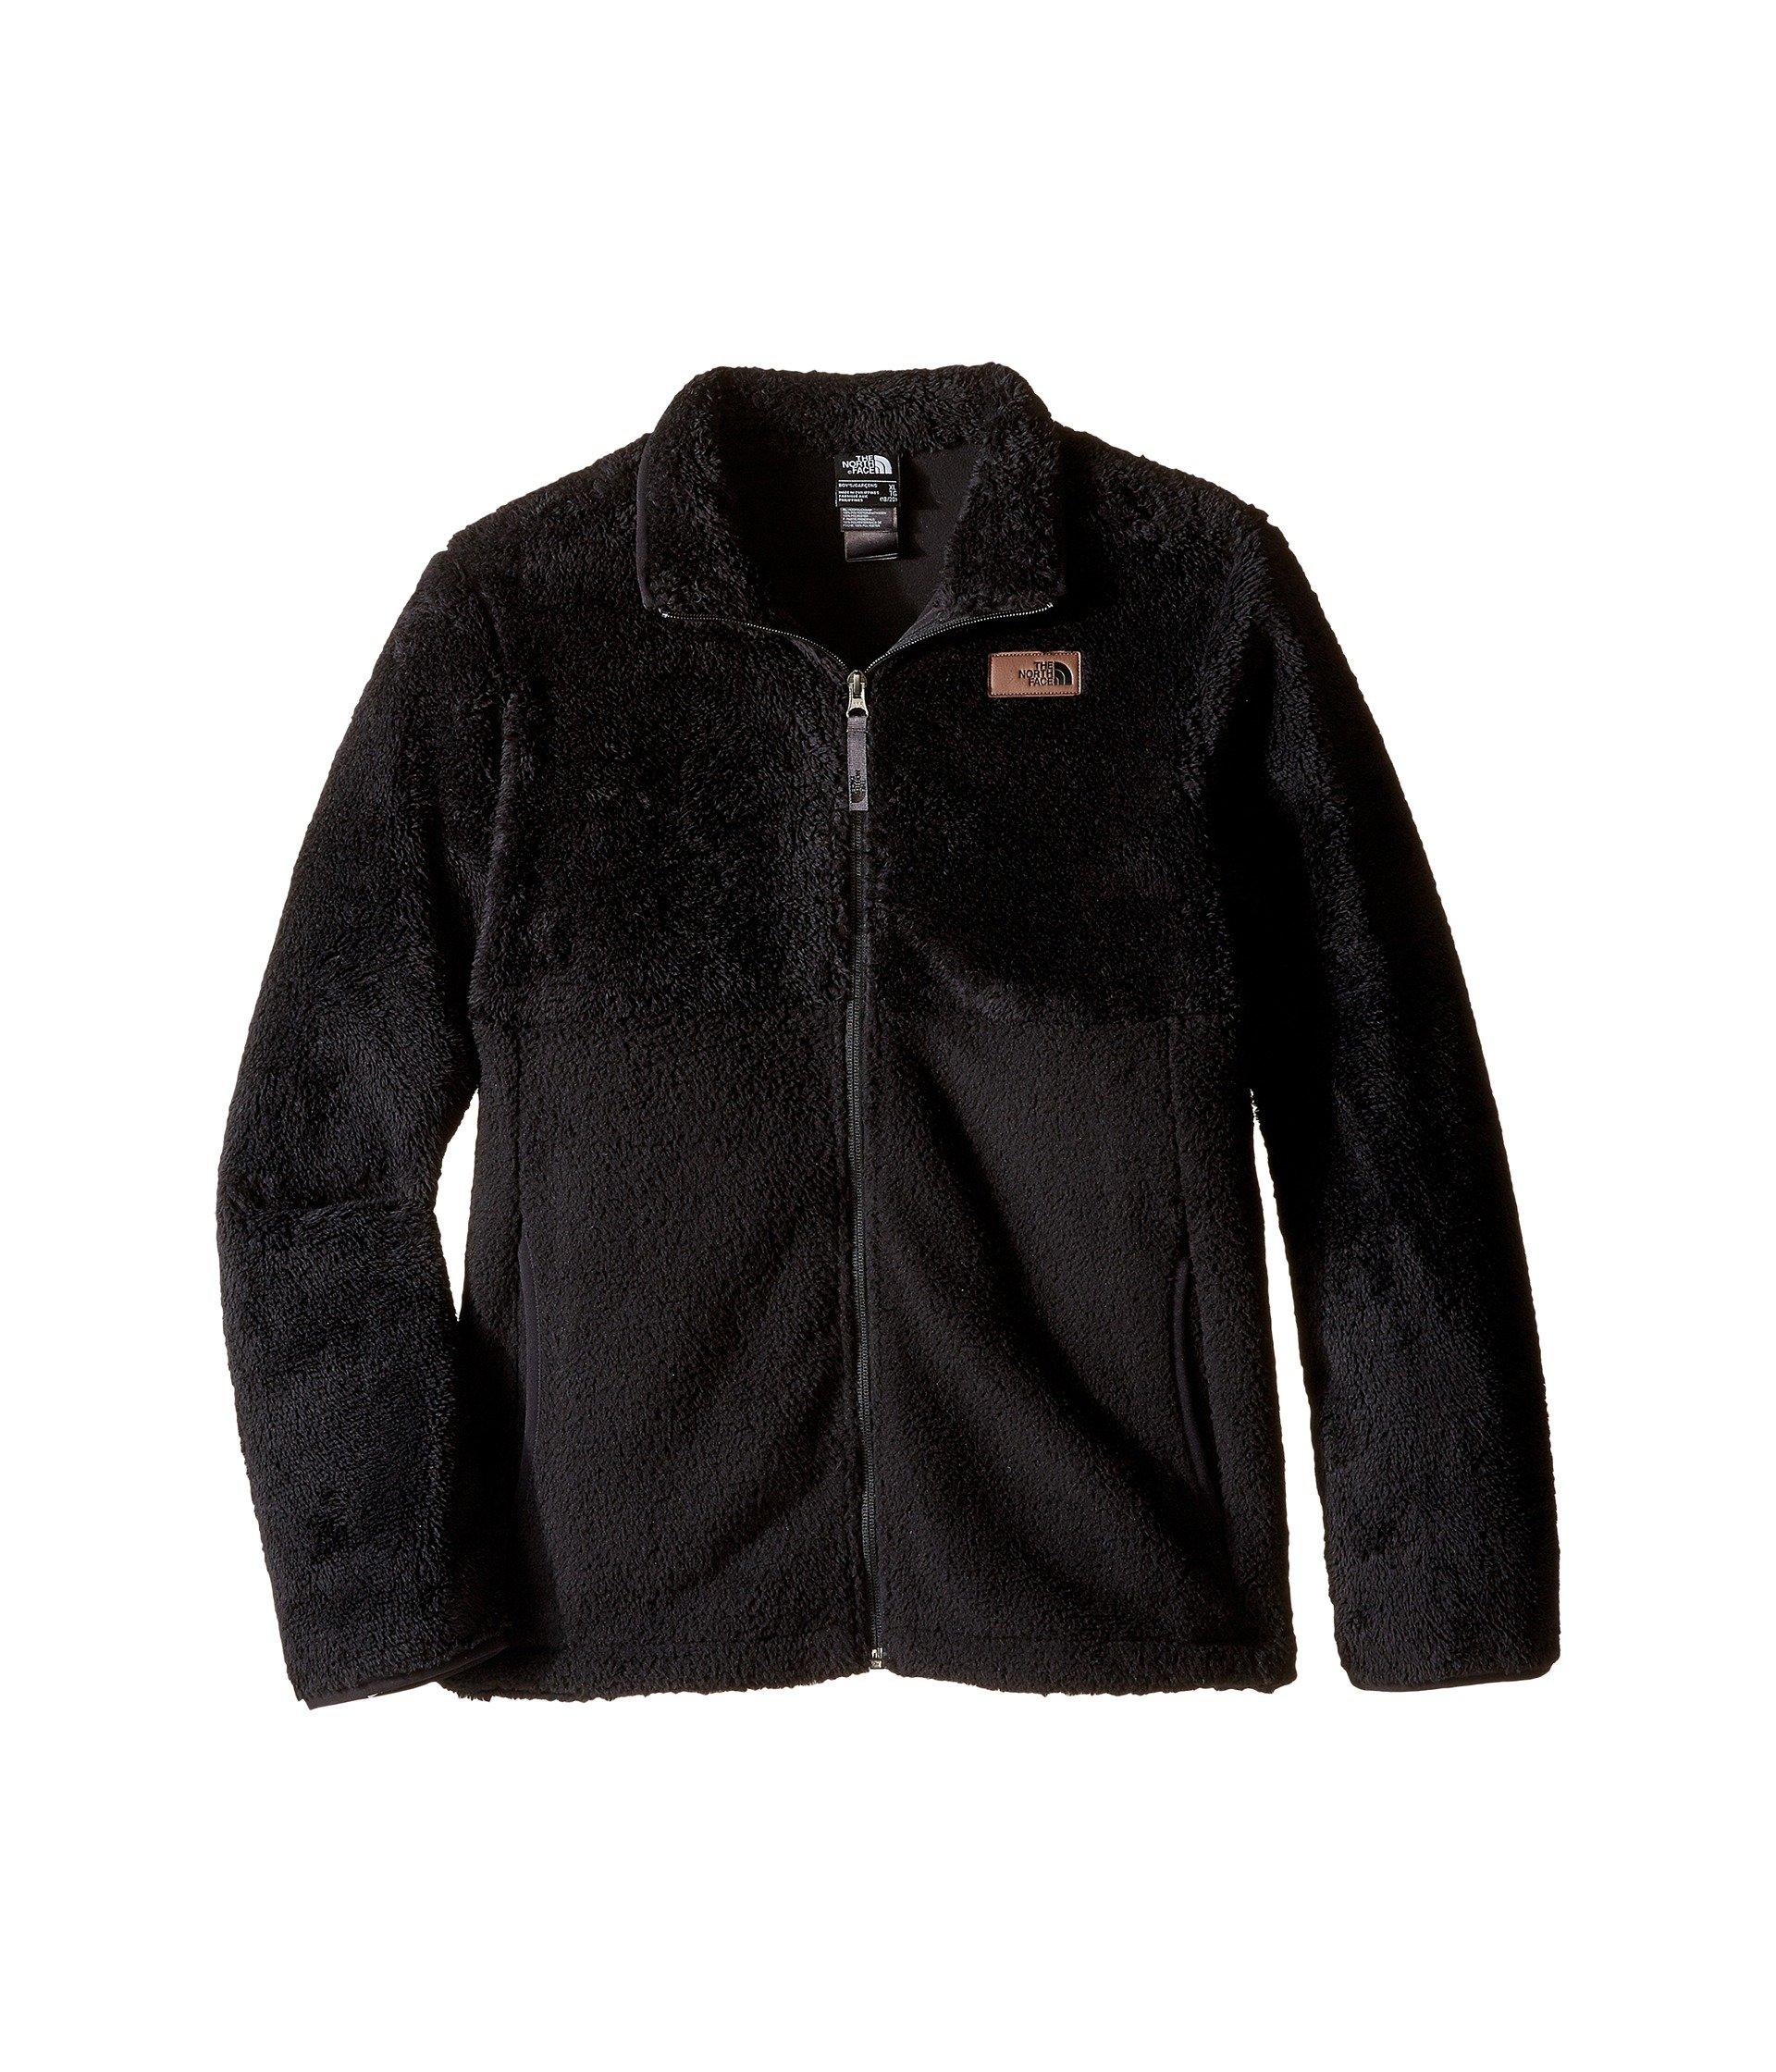 The North Face Sherparazo Jacket Boys' TNF Black Medium